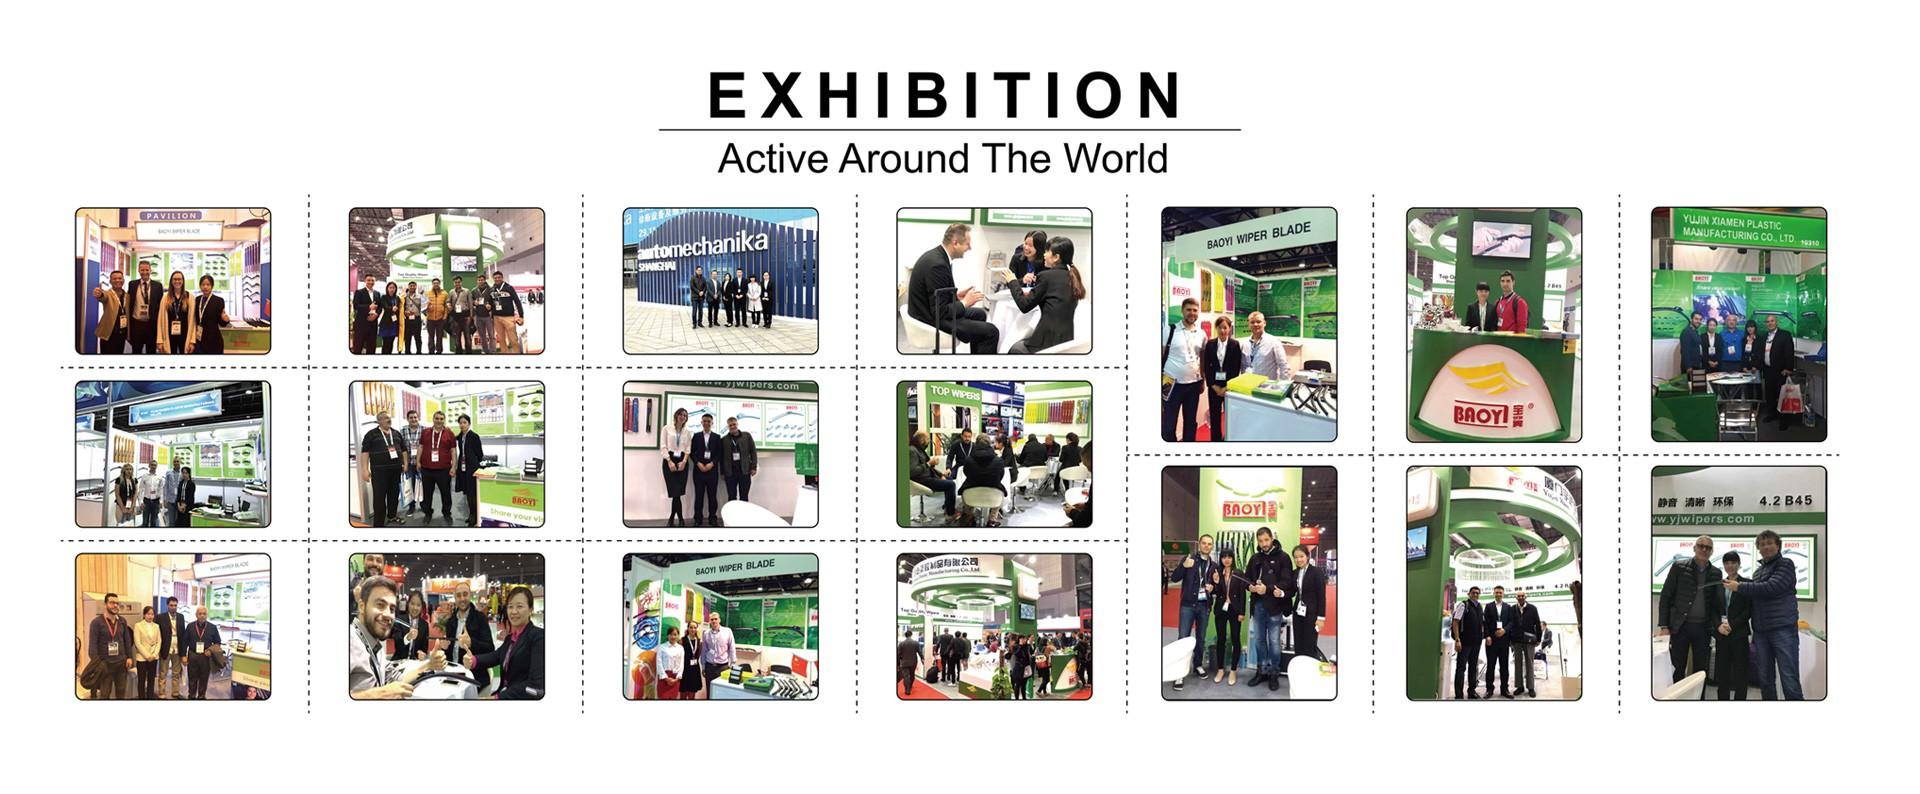 Wiper blades fairs, Las Vegas, Dubai, Istanbul, Moscow, Shanghai, Beijing